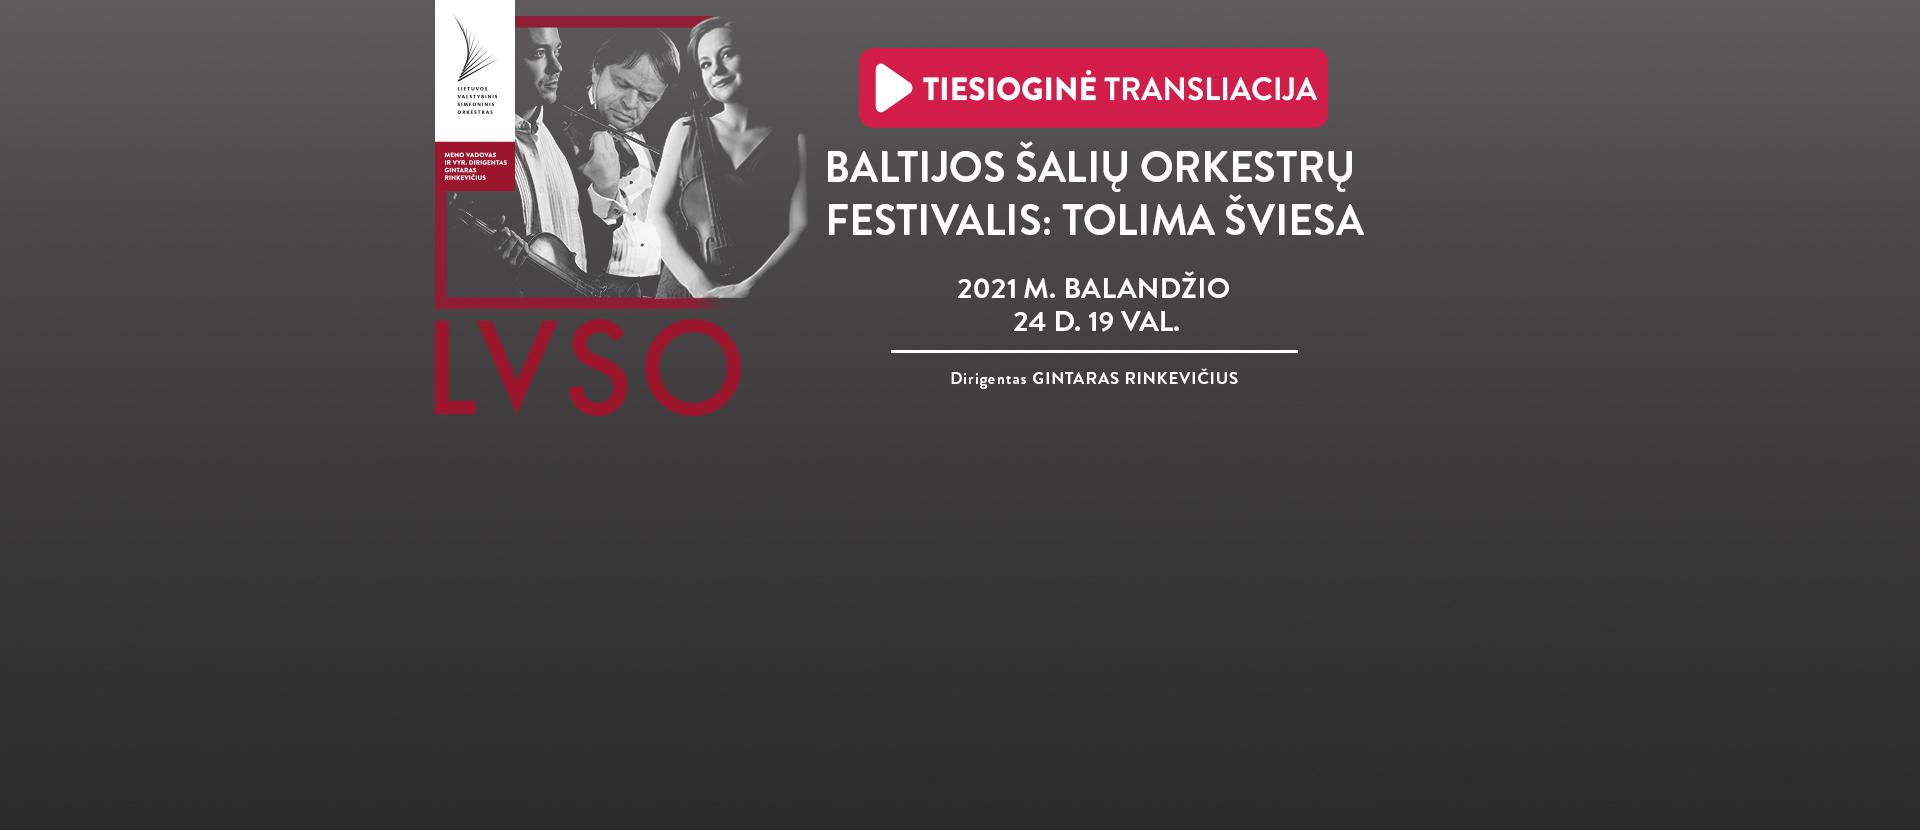 LIVE: BALTIJOS ŠALIŲ ORKESTRŲ FESTIVALIS: TOLIMA ŠVIESA